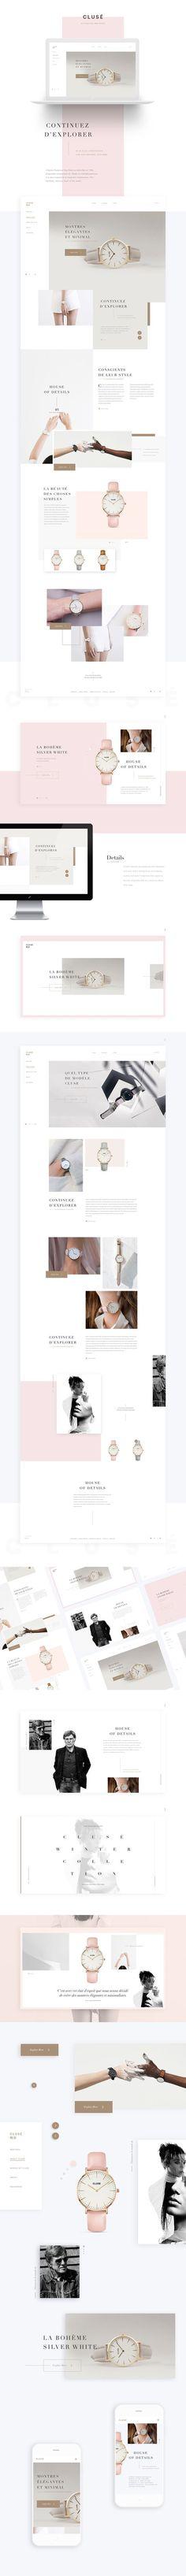 Clusé on Web Design